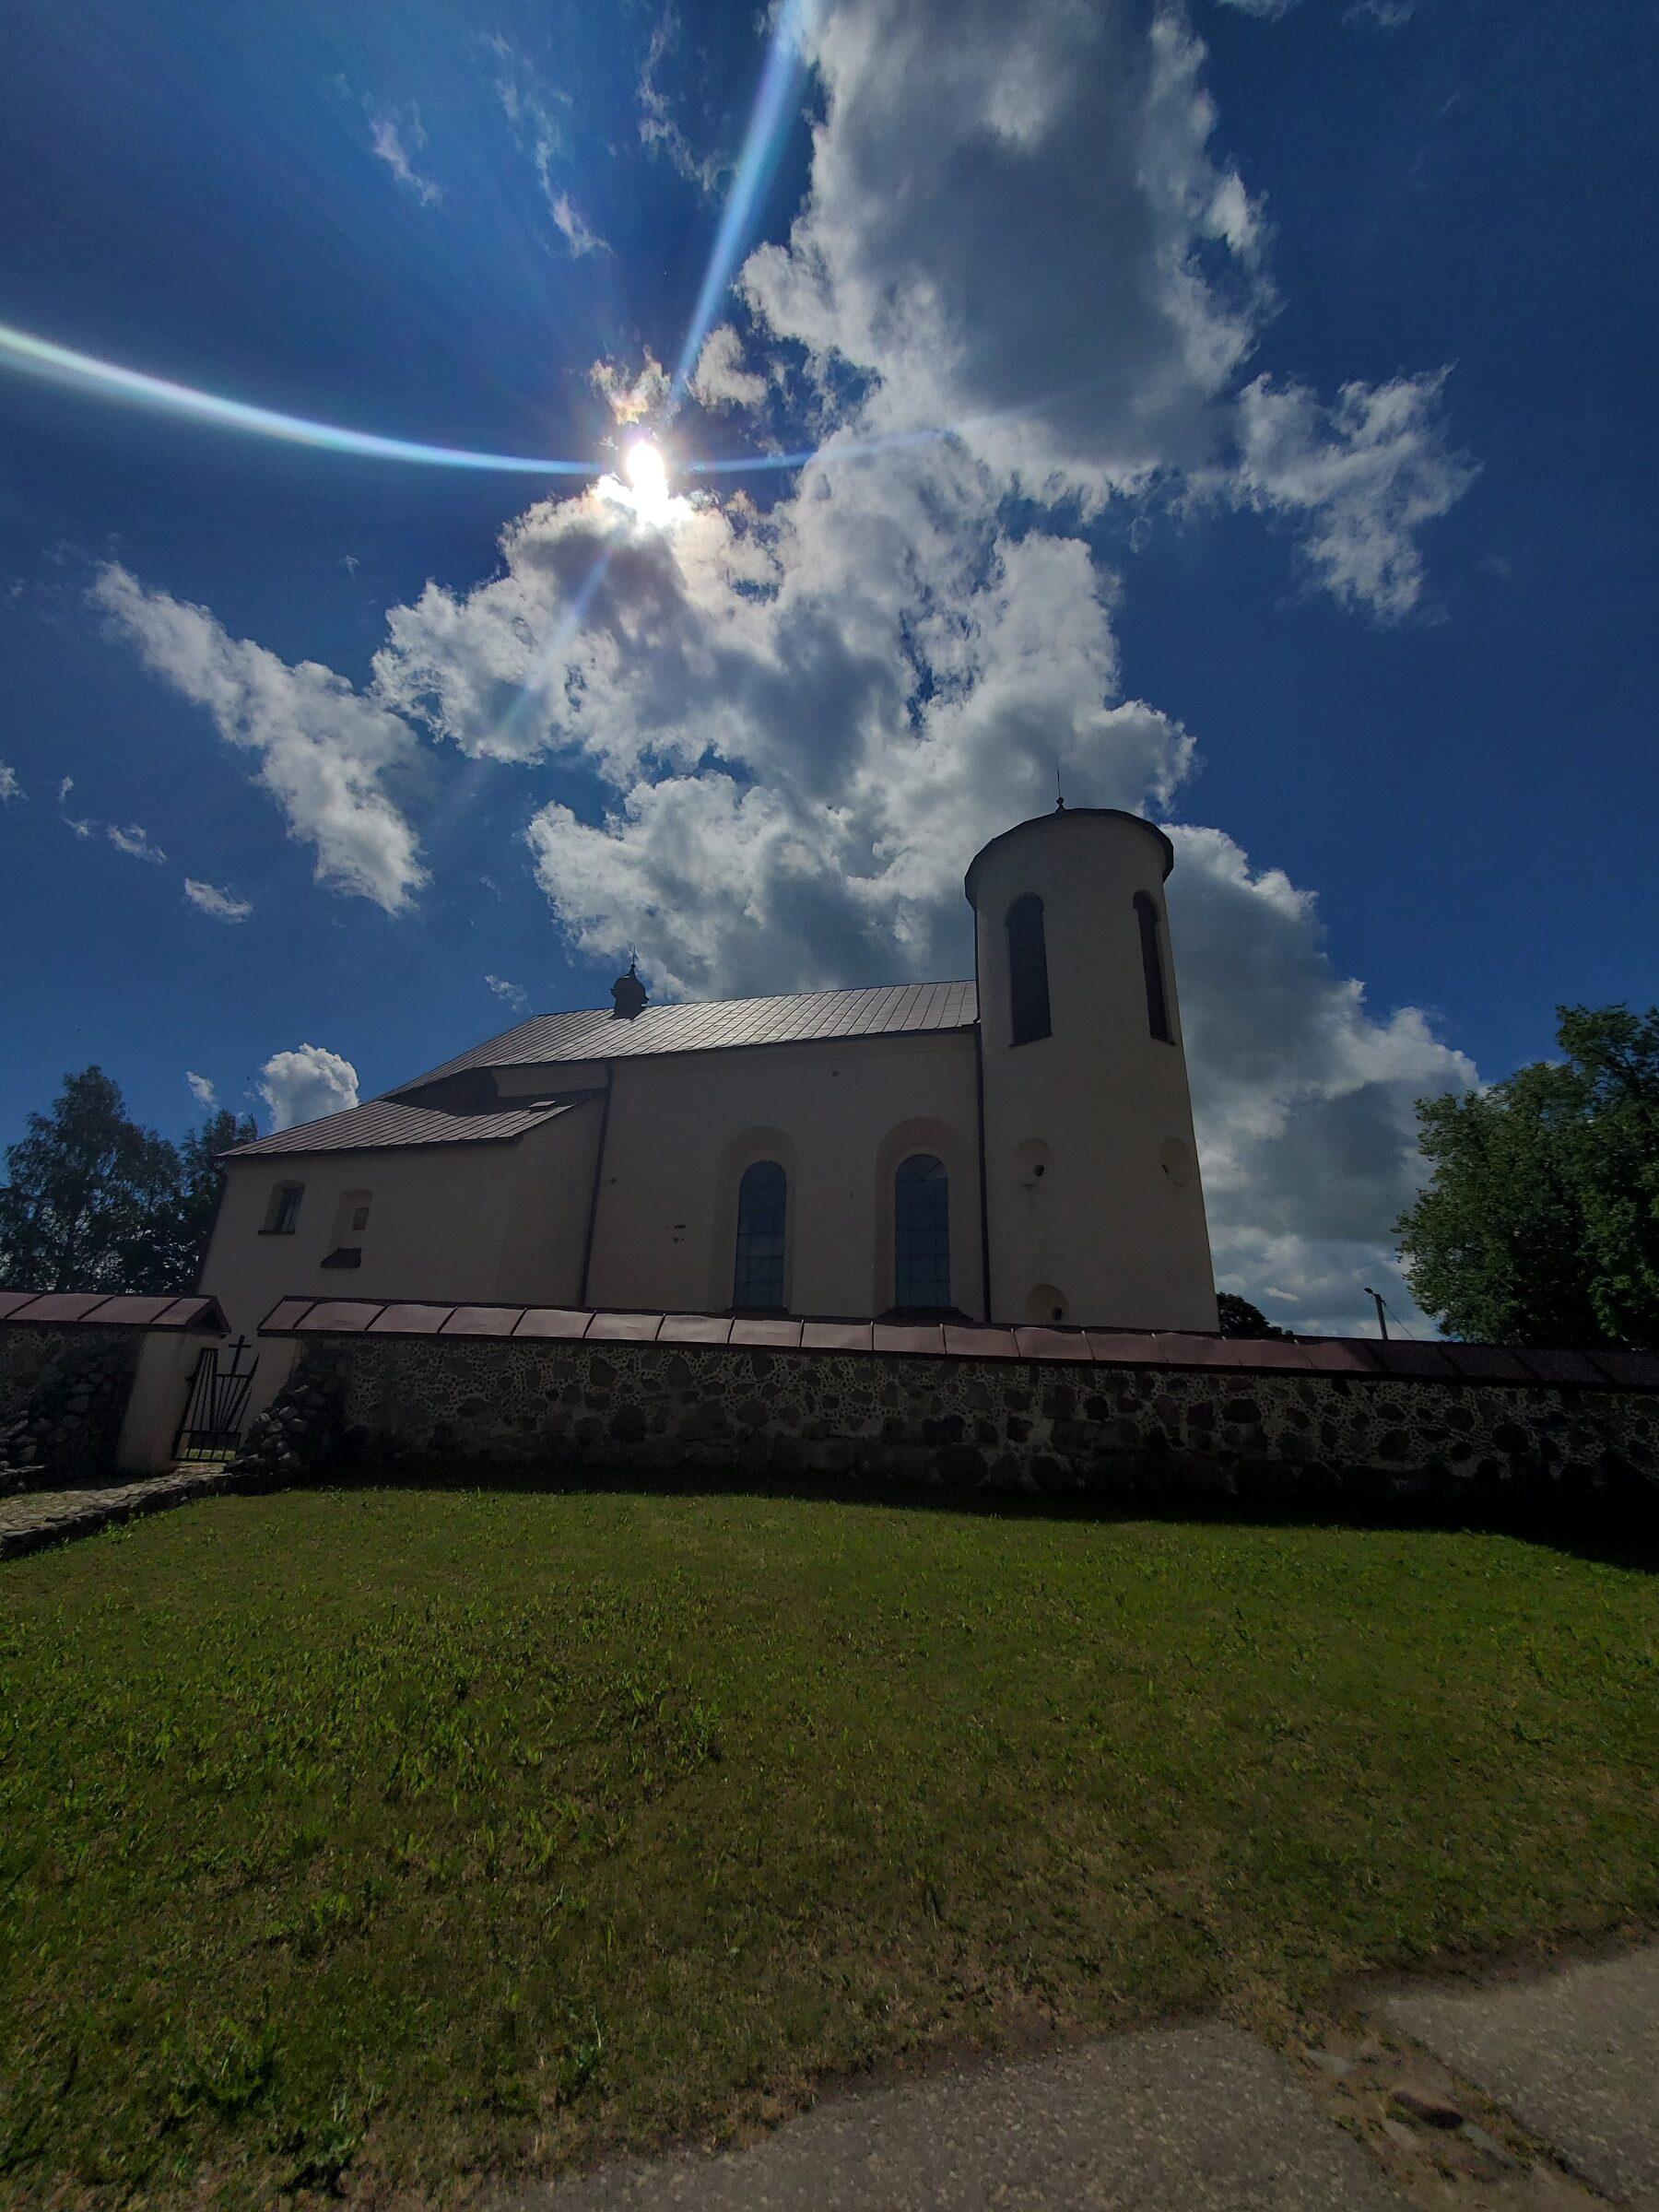 20200606 115715 rotated - Костел Св. Иоанна Крестителя в агрогородке Камаи